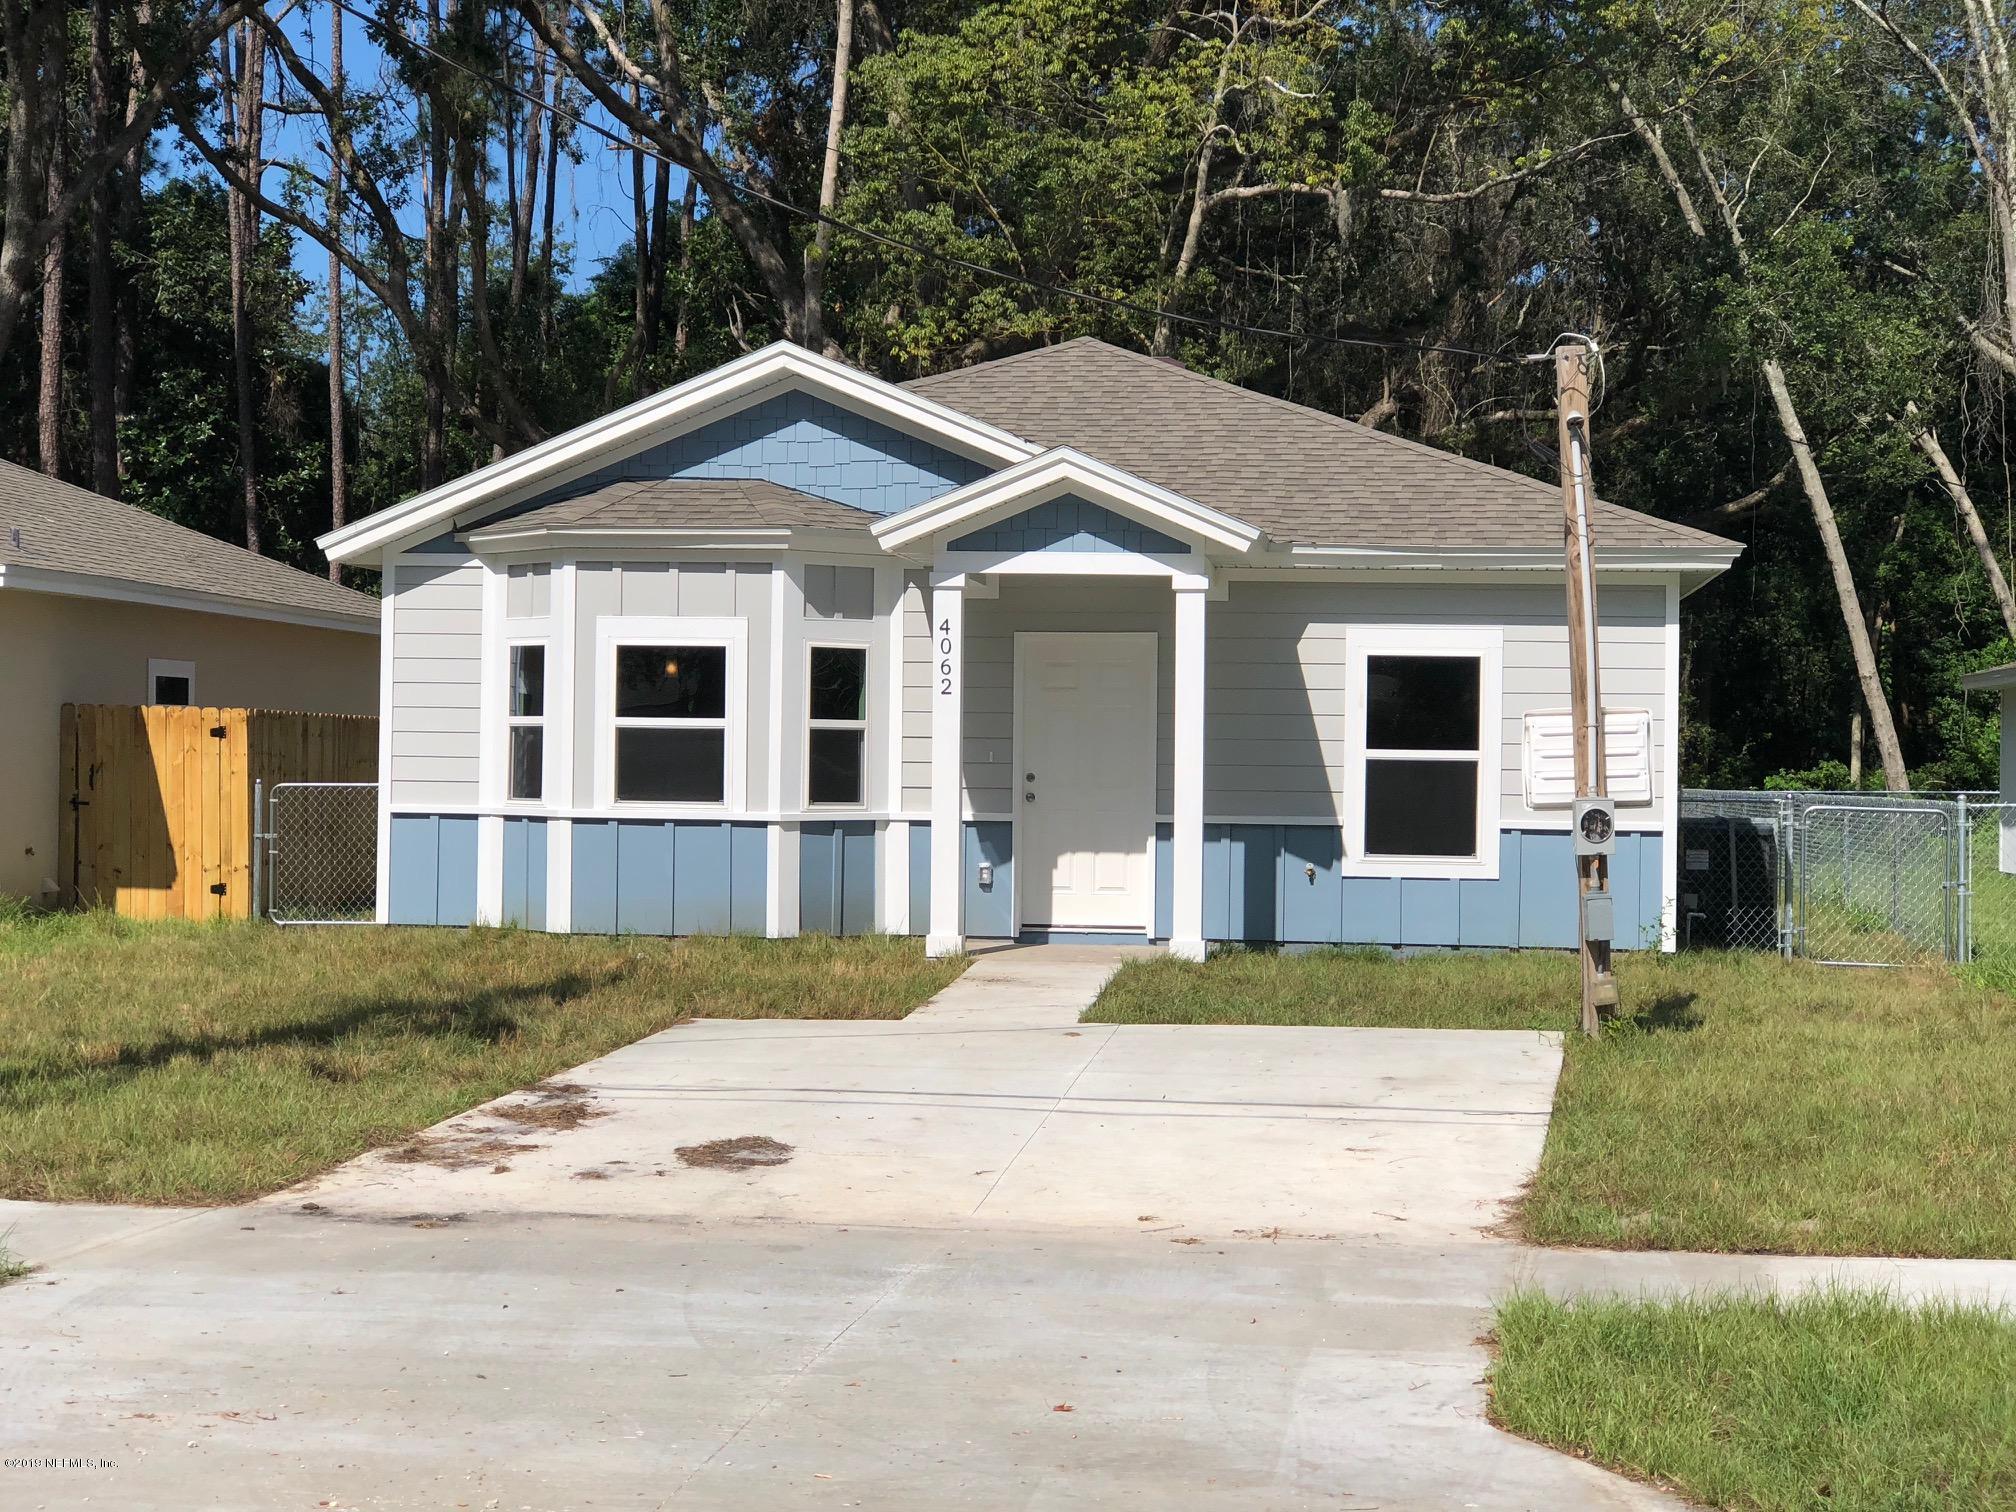 6614 ZORA, JACKSONVILLE, FLORIDA 32219, 3 Bedrooms Bedrooms, ,2 BathroomsBathrooms,Commercial,For sale,ZORA,978895